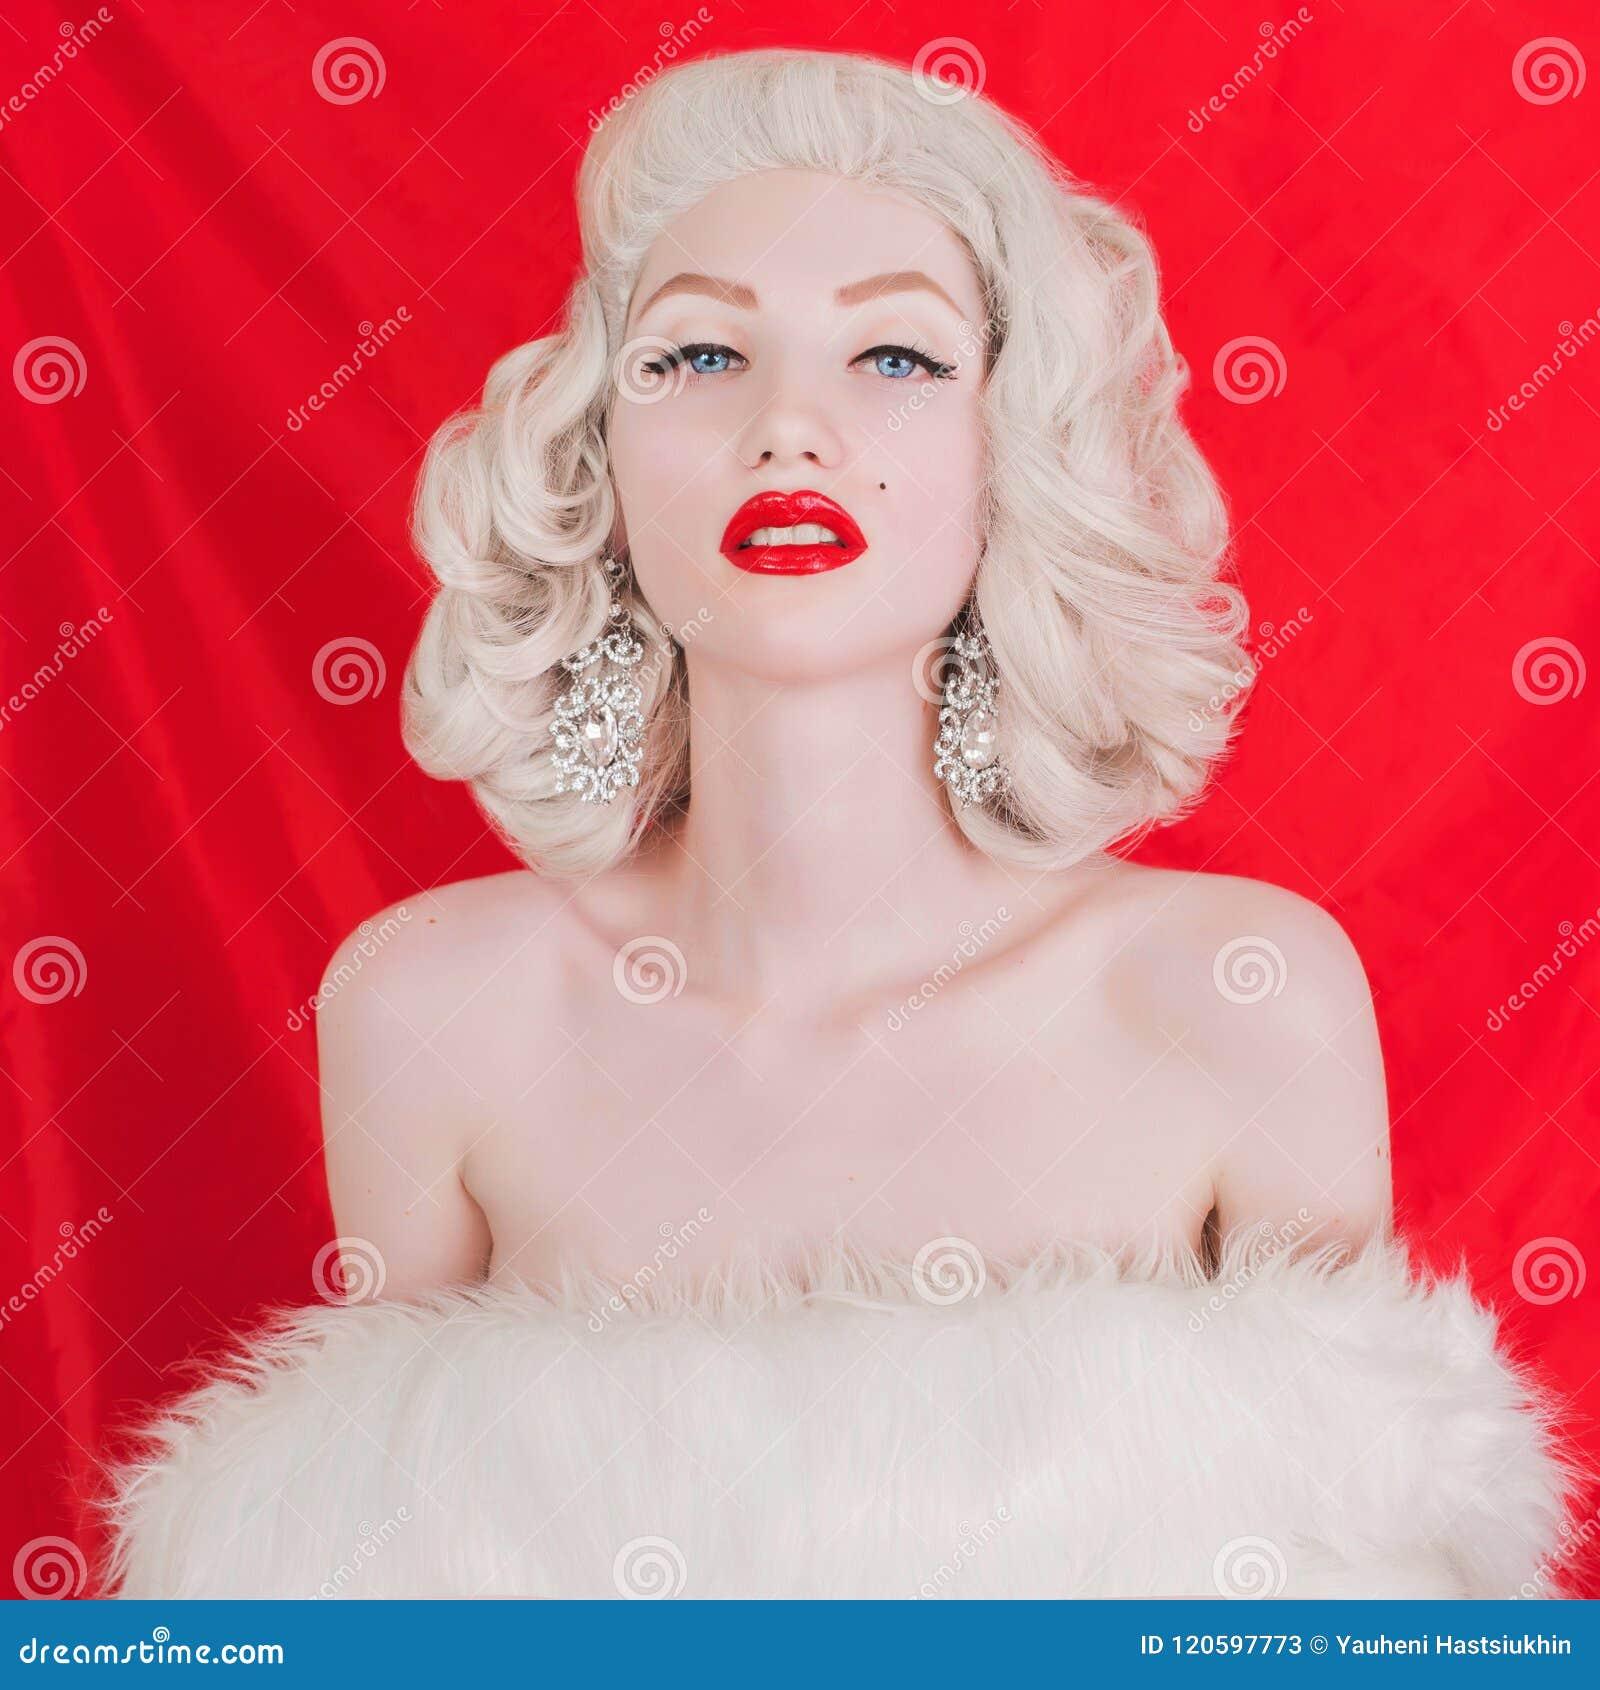 8d3c21c634af14 Het mooie portret van de blonde sexy vrouw met moedervlek op gezicht in  witte bontjas op rode achtergrond Jong bleek meisje met blondehaar Mooie  vrouw met ...